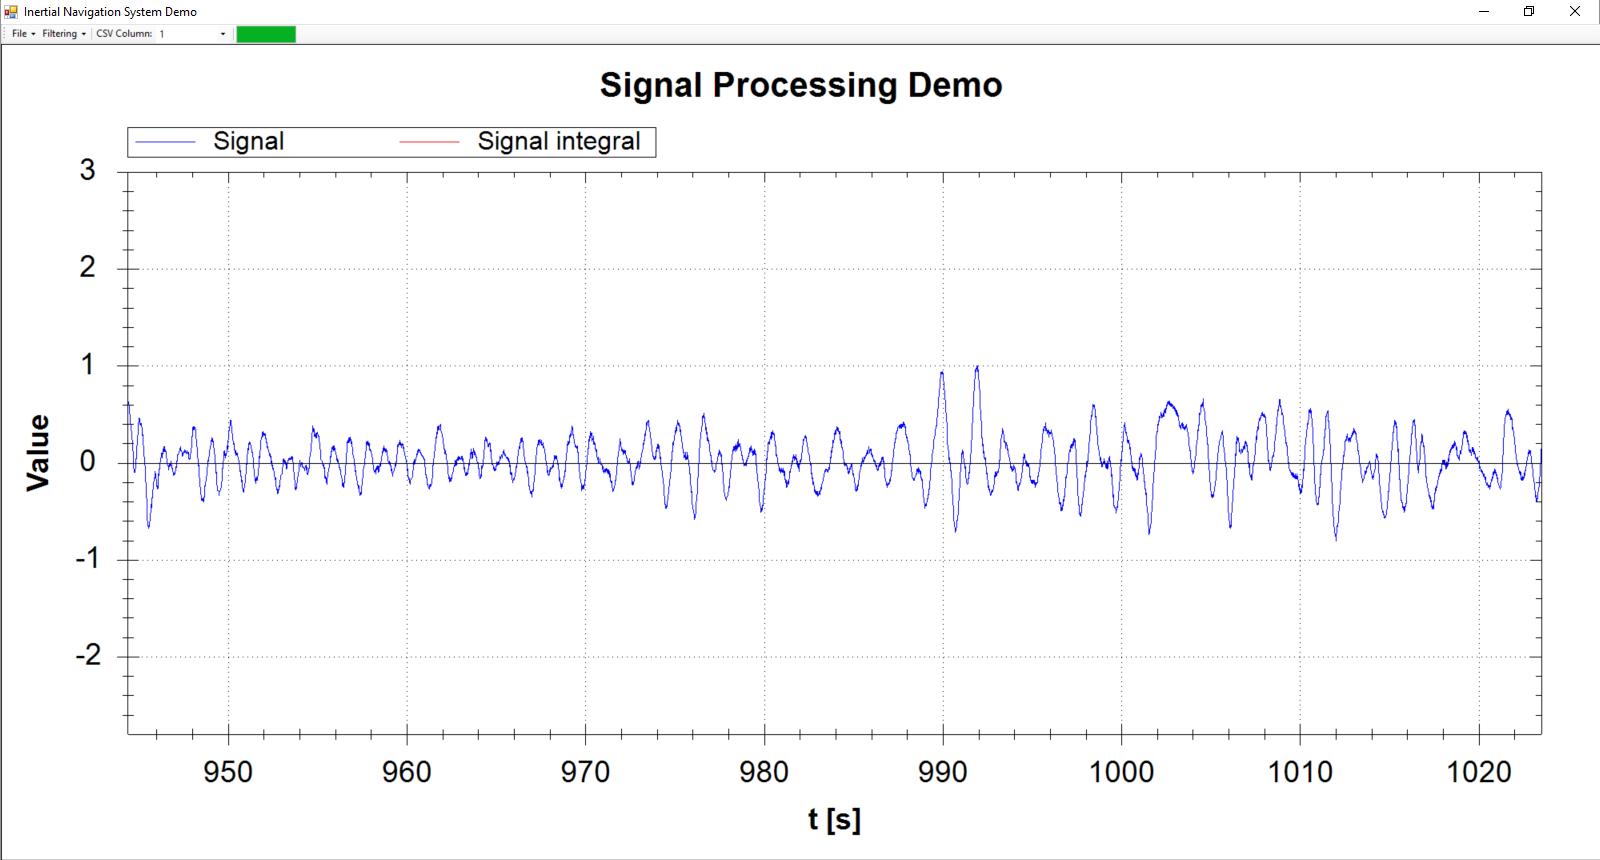 Filtracja sygnału jednowymiarowym filtrem Kalmana - test algorytmów